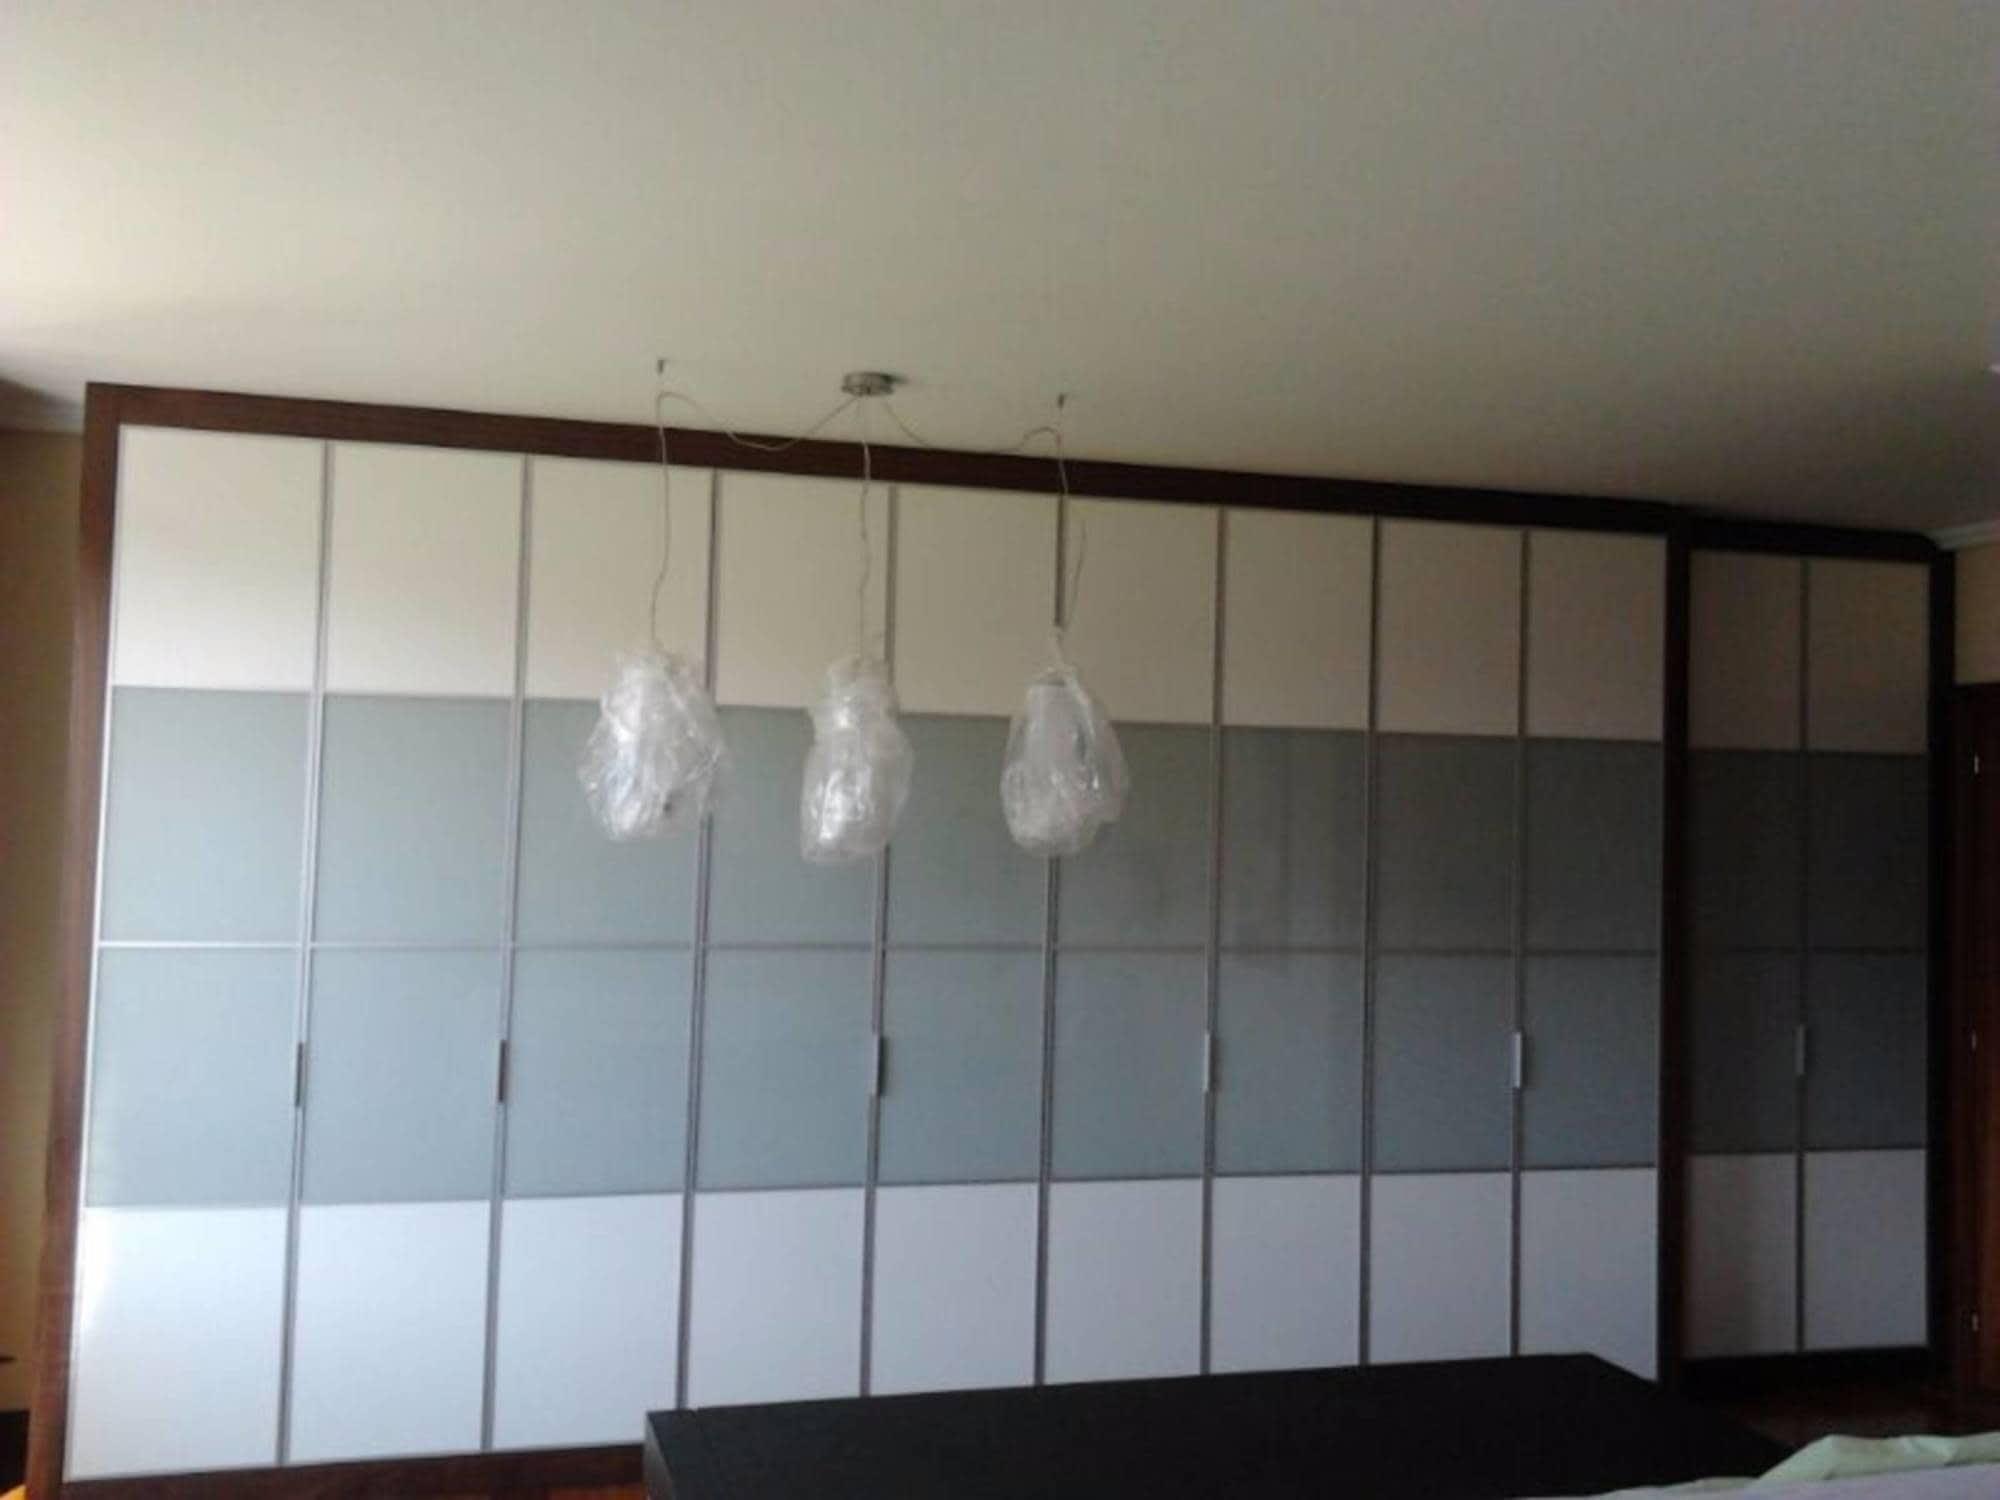 Armario A Medida De Puertas Con Perfil De Aluminio Y Japonesas  ~ Armarios De Aluminio Para Exterior